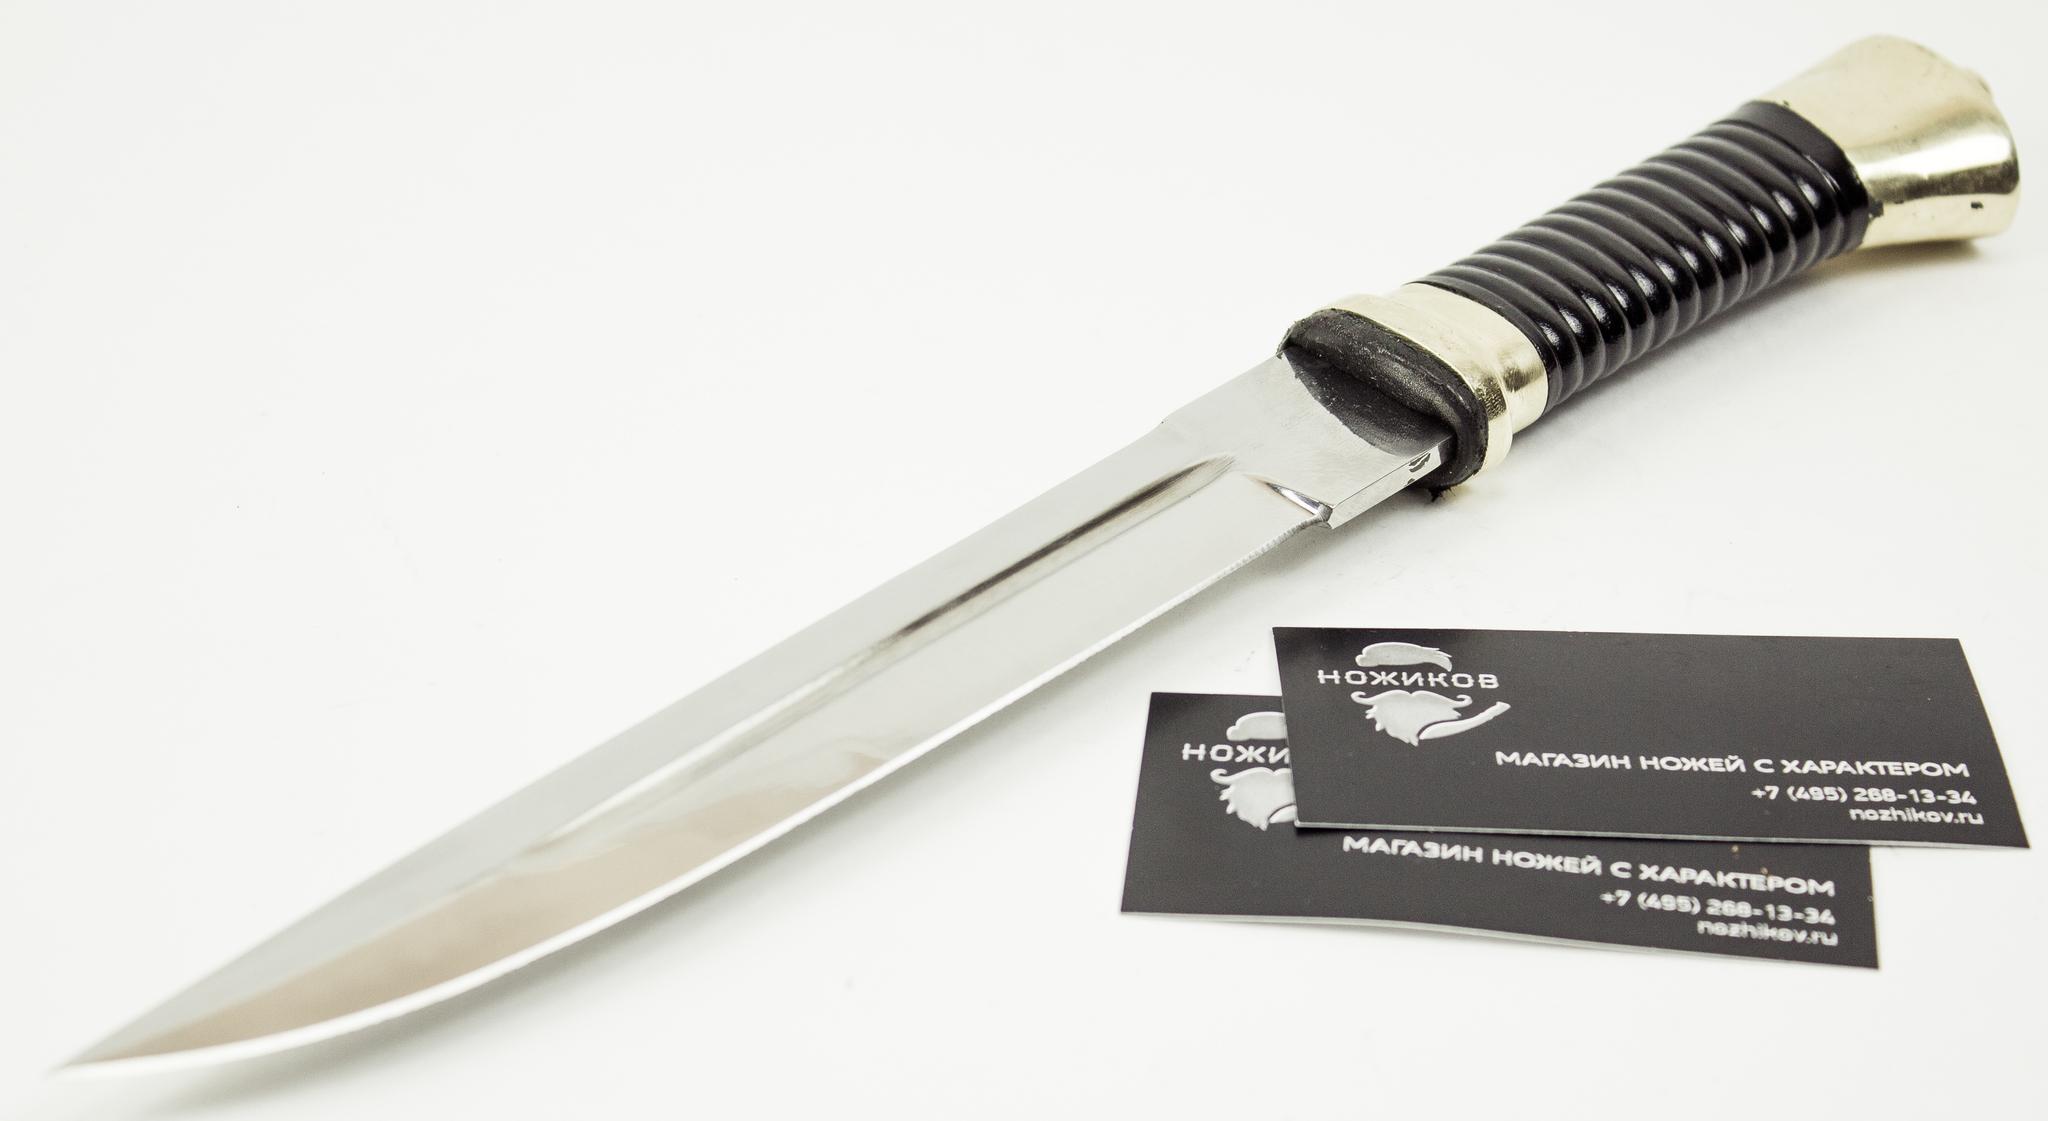 Фото 3 - Нож Пластунский, сталь 95x18, латунь от Донская оружейная фабрика